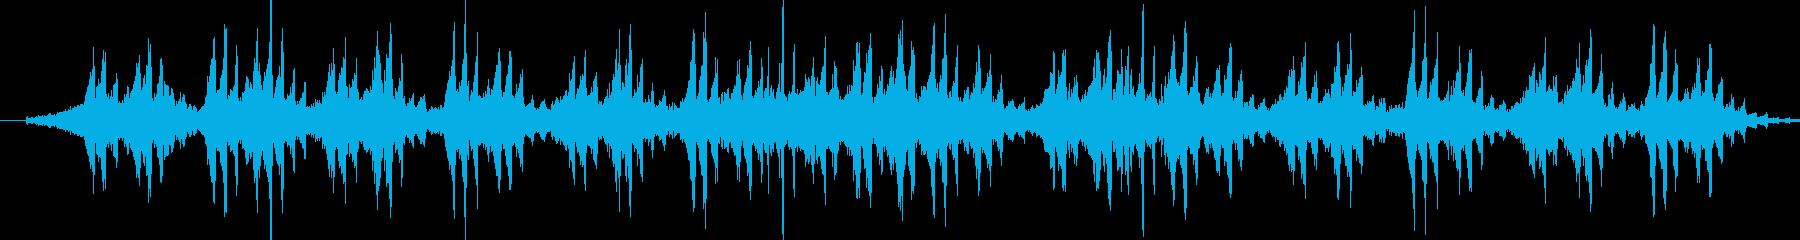 シリアスな印象のアンビエントBGMの再生済みの波形